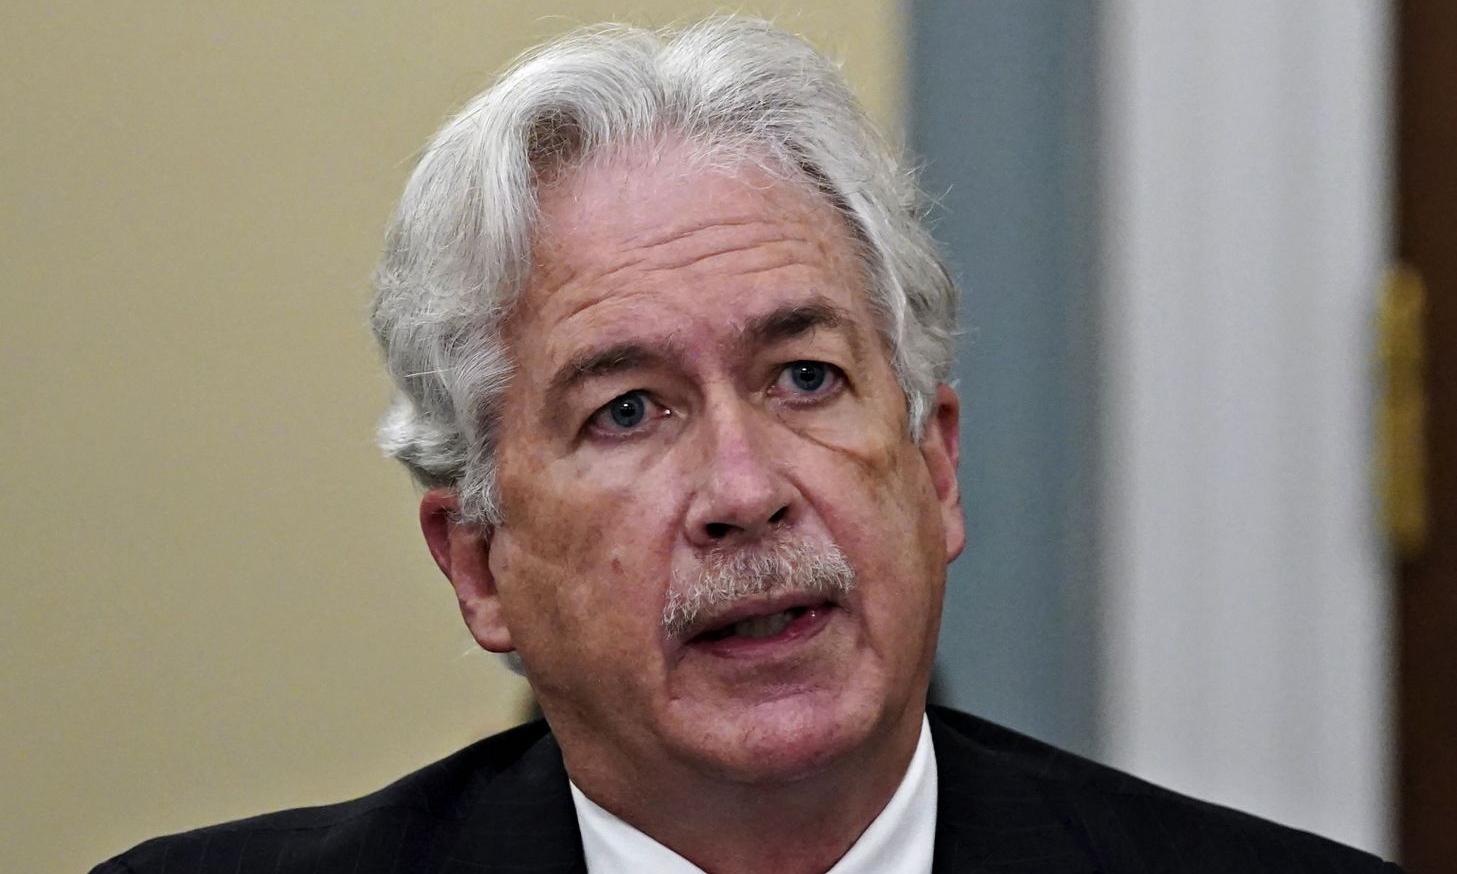 Giám đốc CIA William Burns trong một phiên điều trần trước quốc hội Mỹ ở Washington hôm 15/4. Ảnh: AFP.